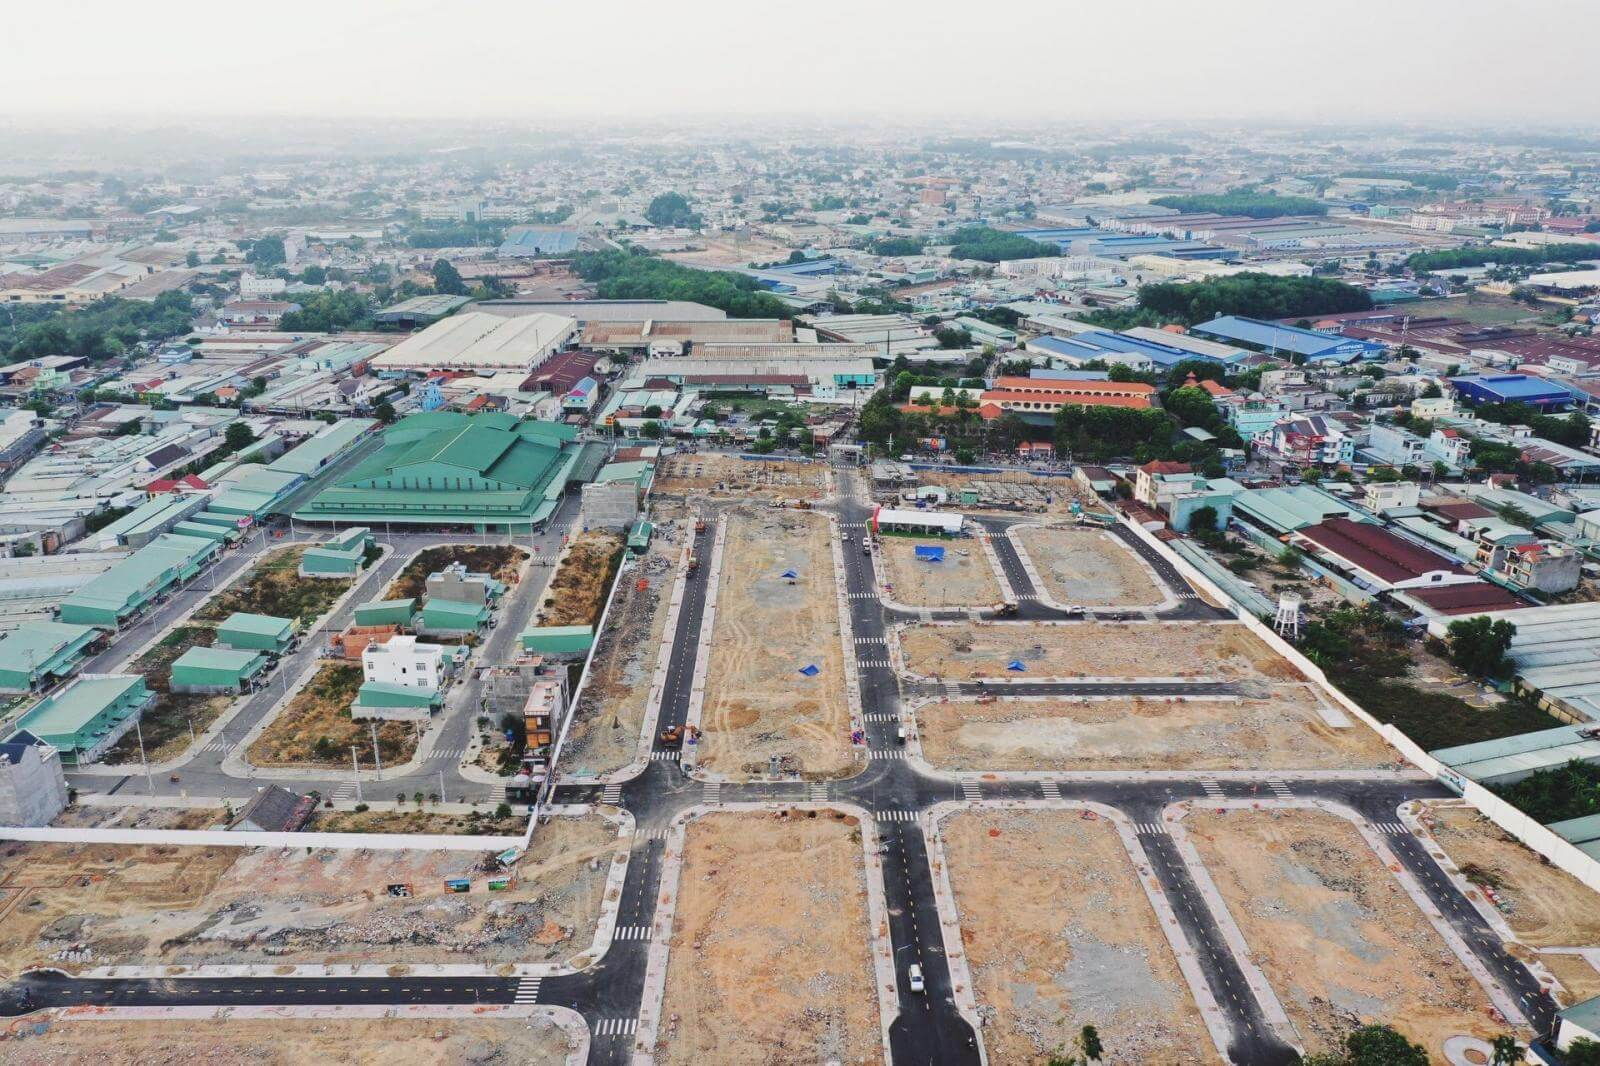 Đầu tư đất nền dự án là loại hình kinh doanh phổ biến hiện nay